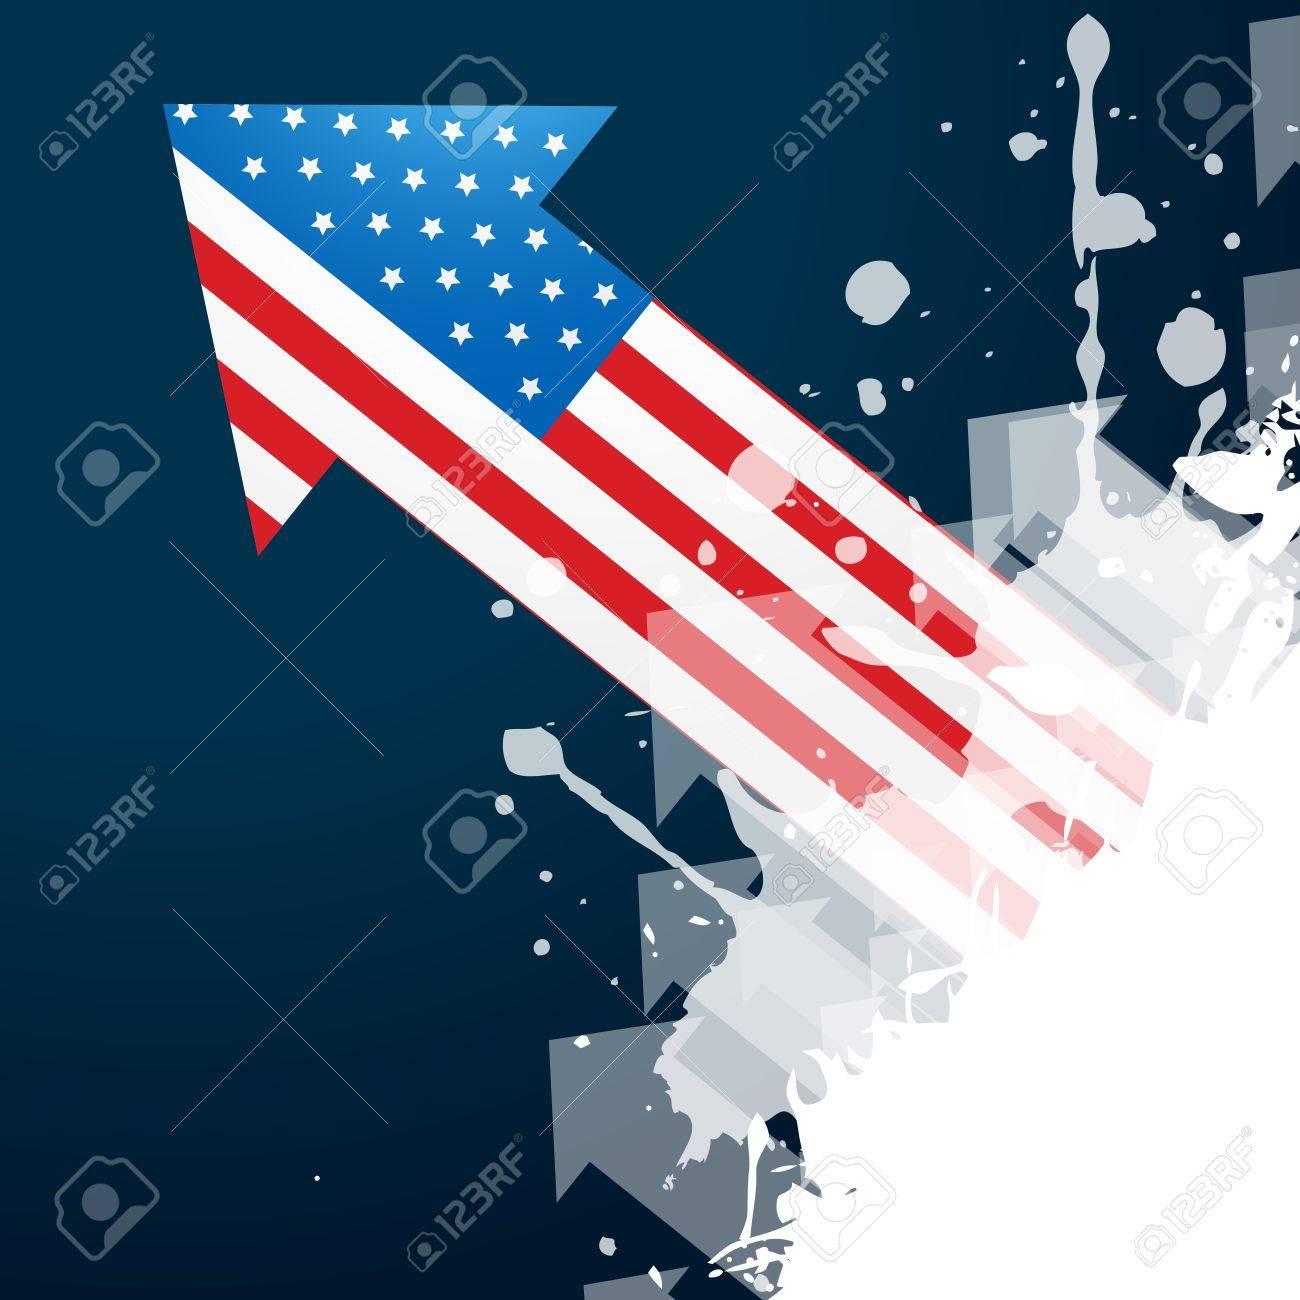 american flag arrow design vector Stock Vector - 19978775